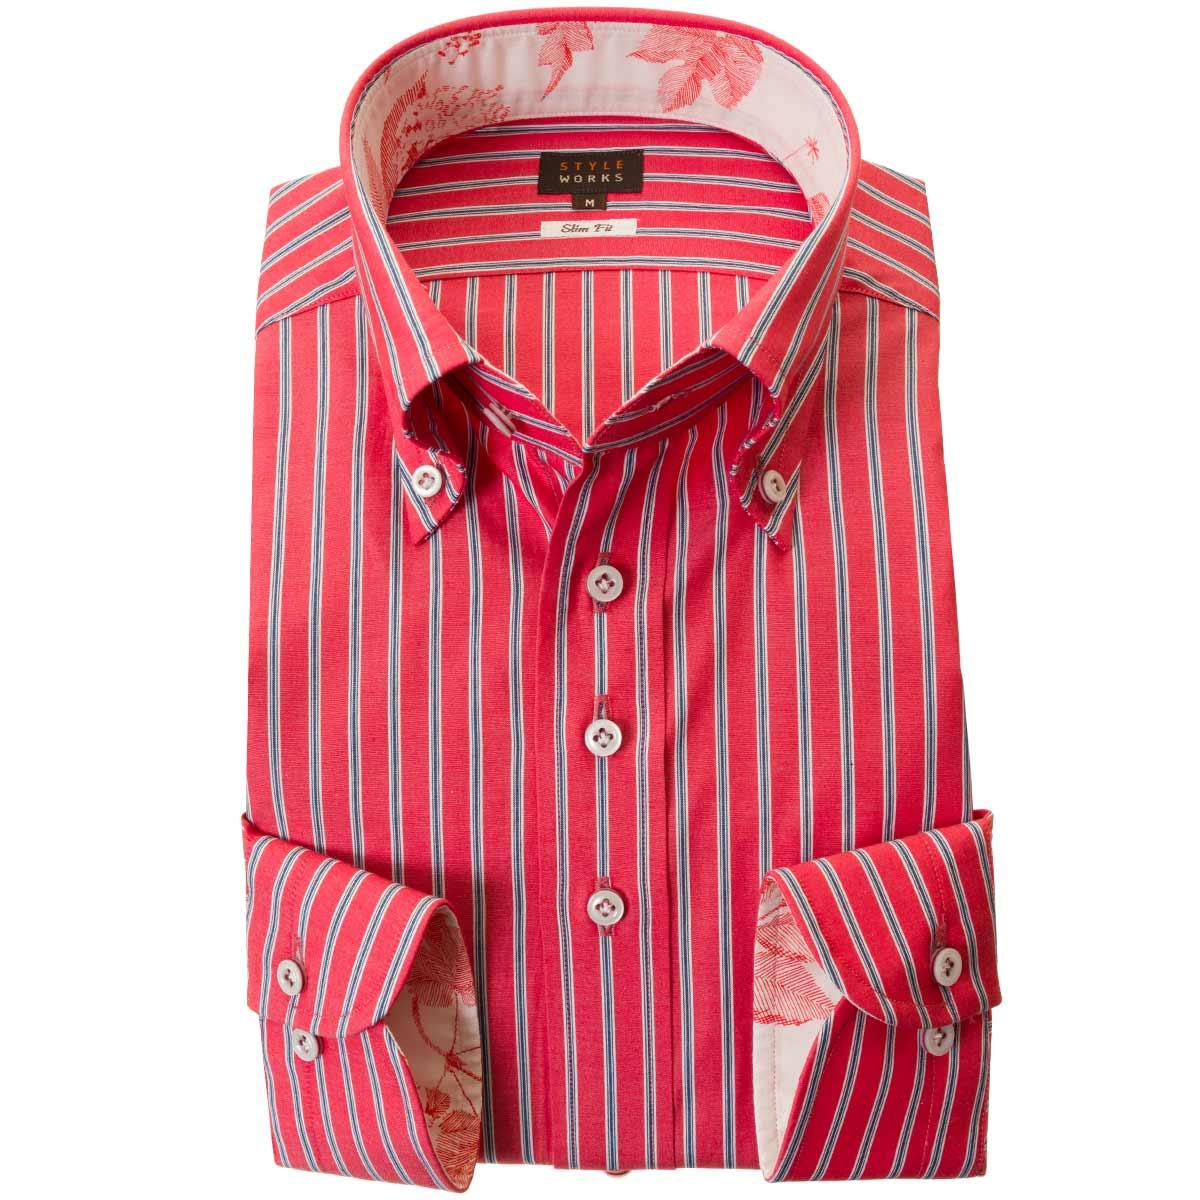 ドレスシャツ ワイシャツ シャツ メンズ 国産 長袖 綿100% ブロードクロス スリムフィット 胸ポケット無 ボタンダウン レッドストライプ オルタネイト 2002